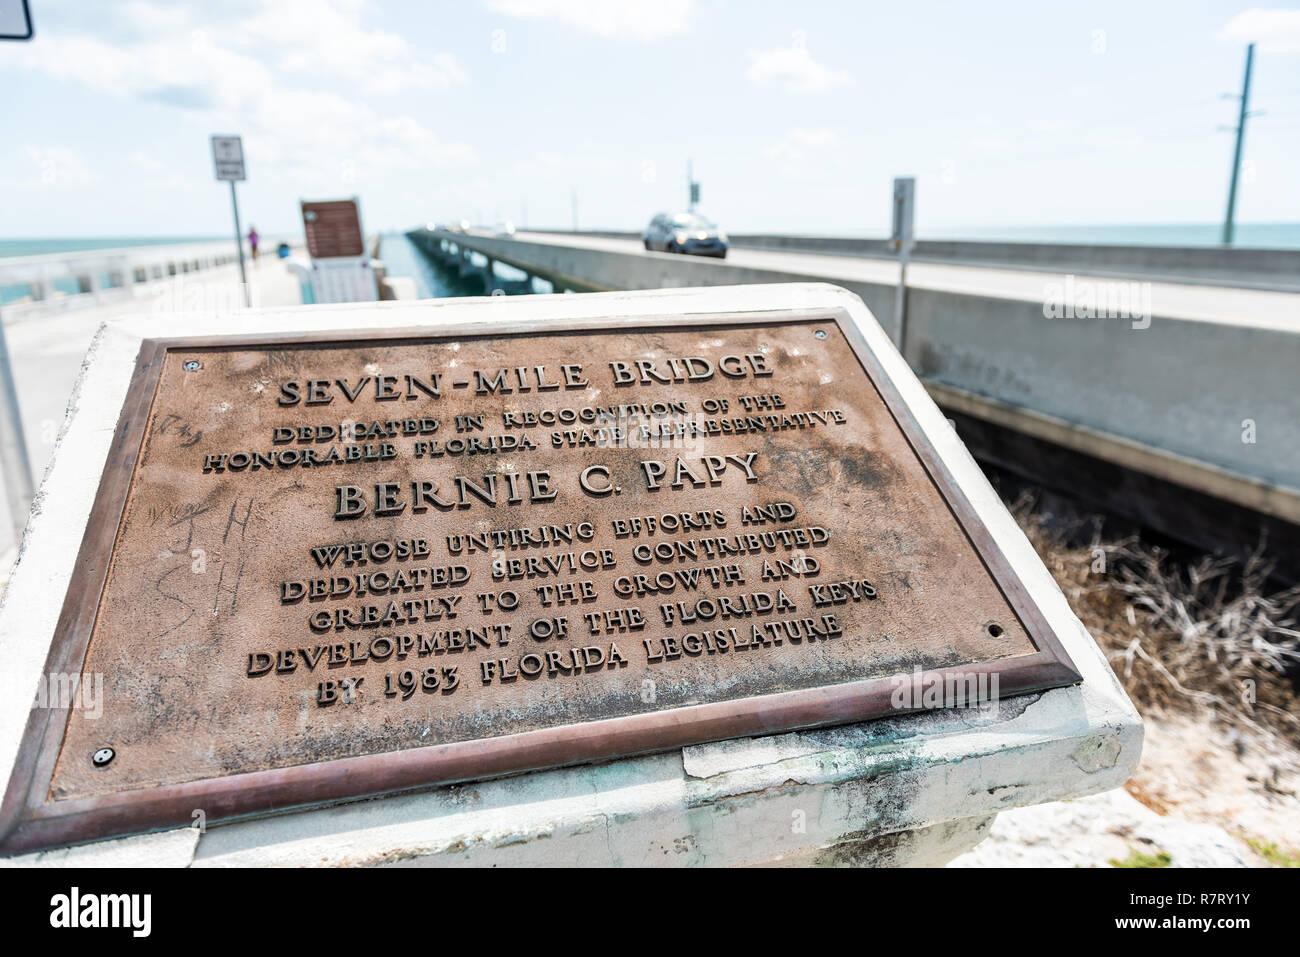 Maratona, Stati Uniti d'America - 1 Maggio 2018: Florida Keys, Overseas Highway Road, Seven Mile bridge in Oceano Atlantico, Golfo del Messico, auto, segno closeup Immagini Stock